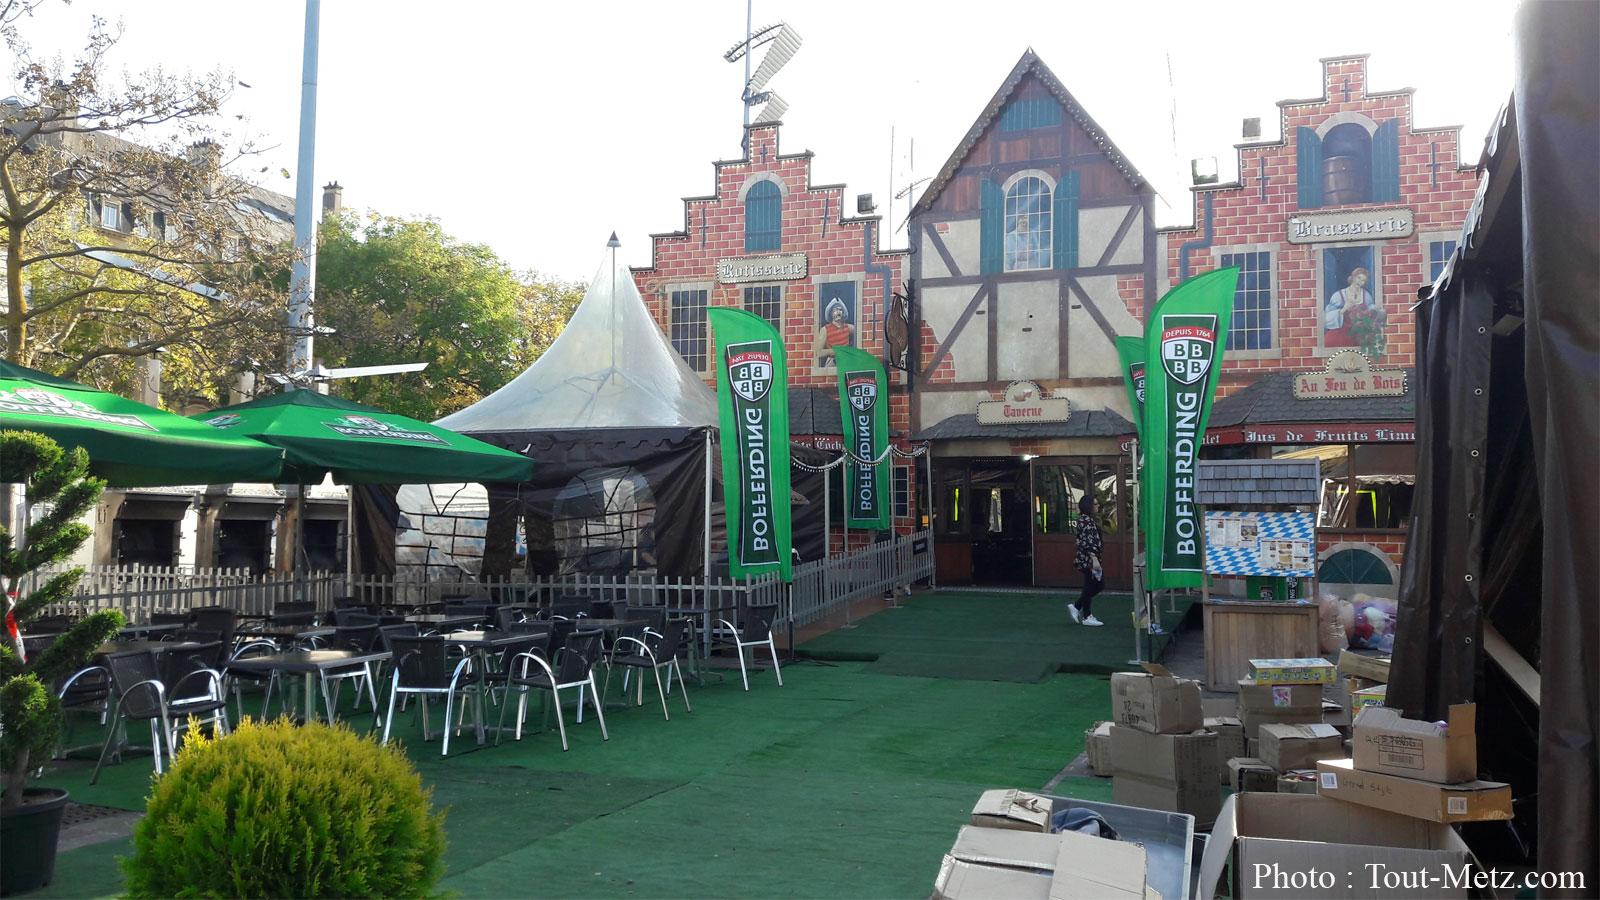 La Fête de la bière revient à Metz